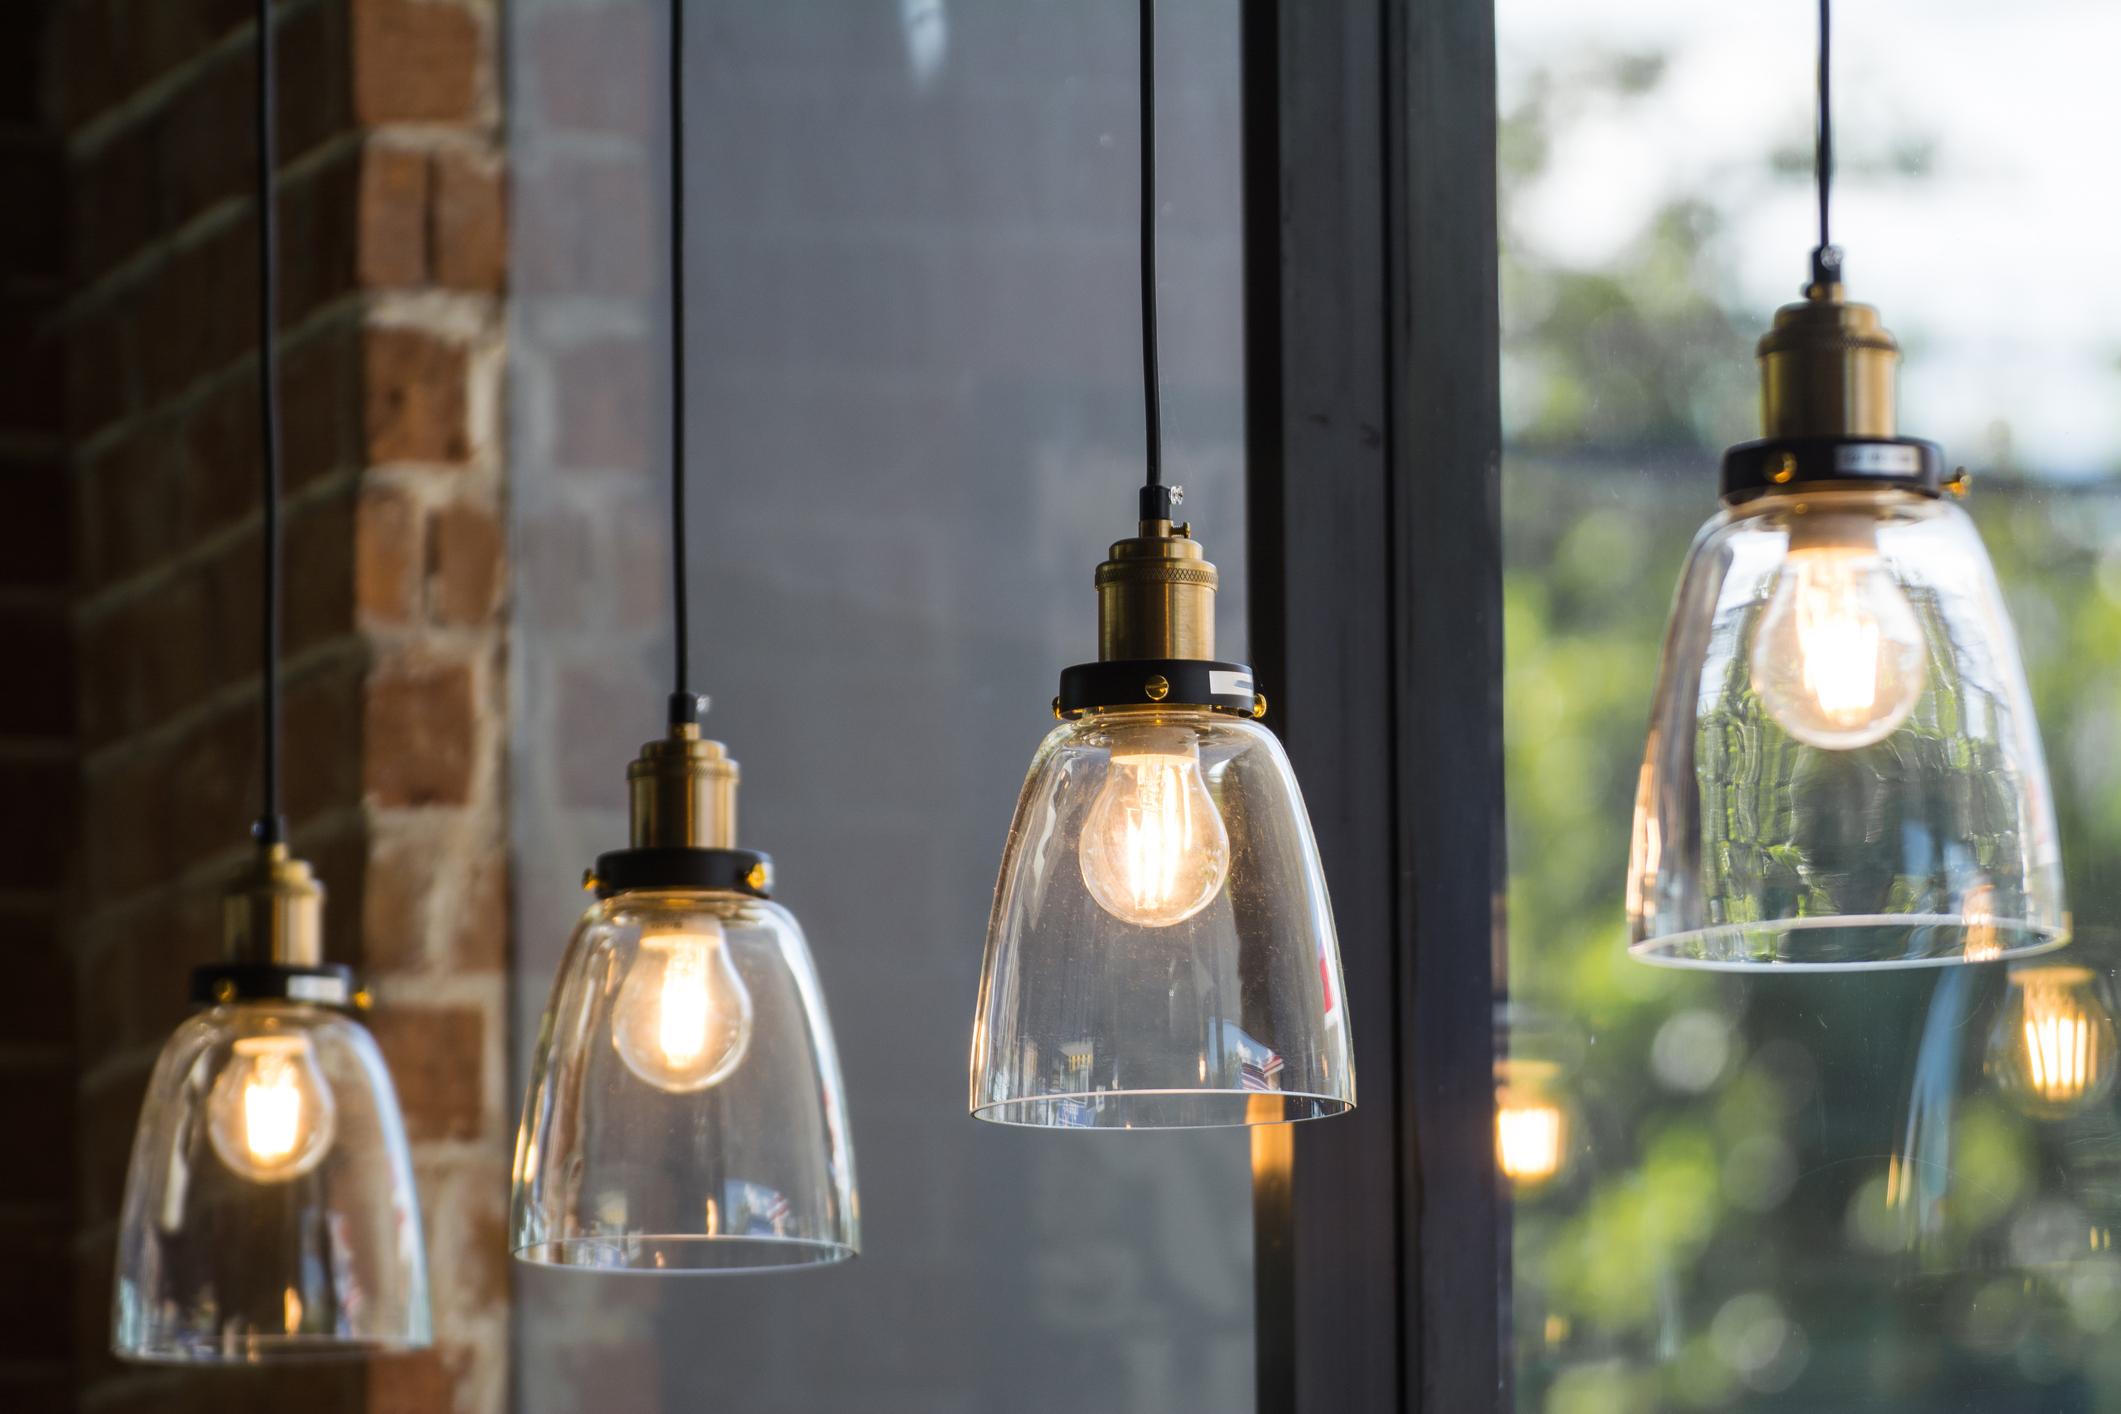 Всички лампи в дома. Рядко се обръща внимание, но по тях се трупа много прах и често не са обект на почистване.